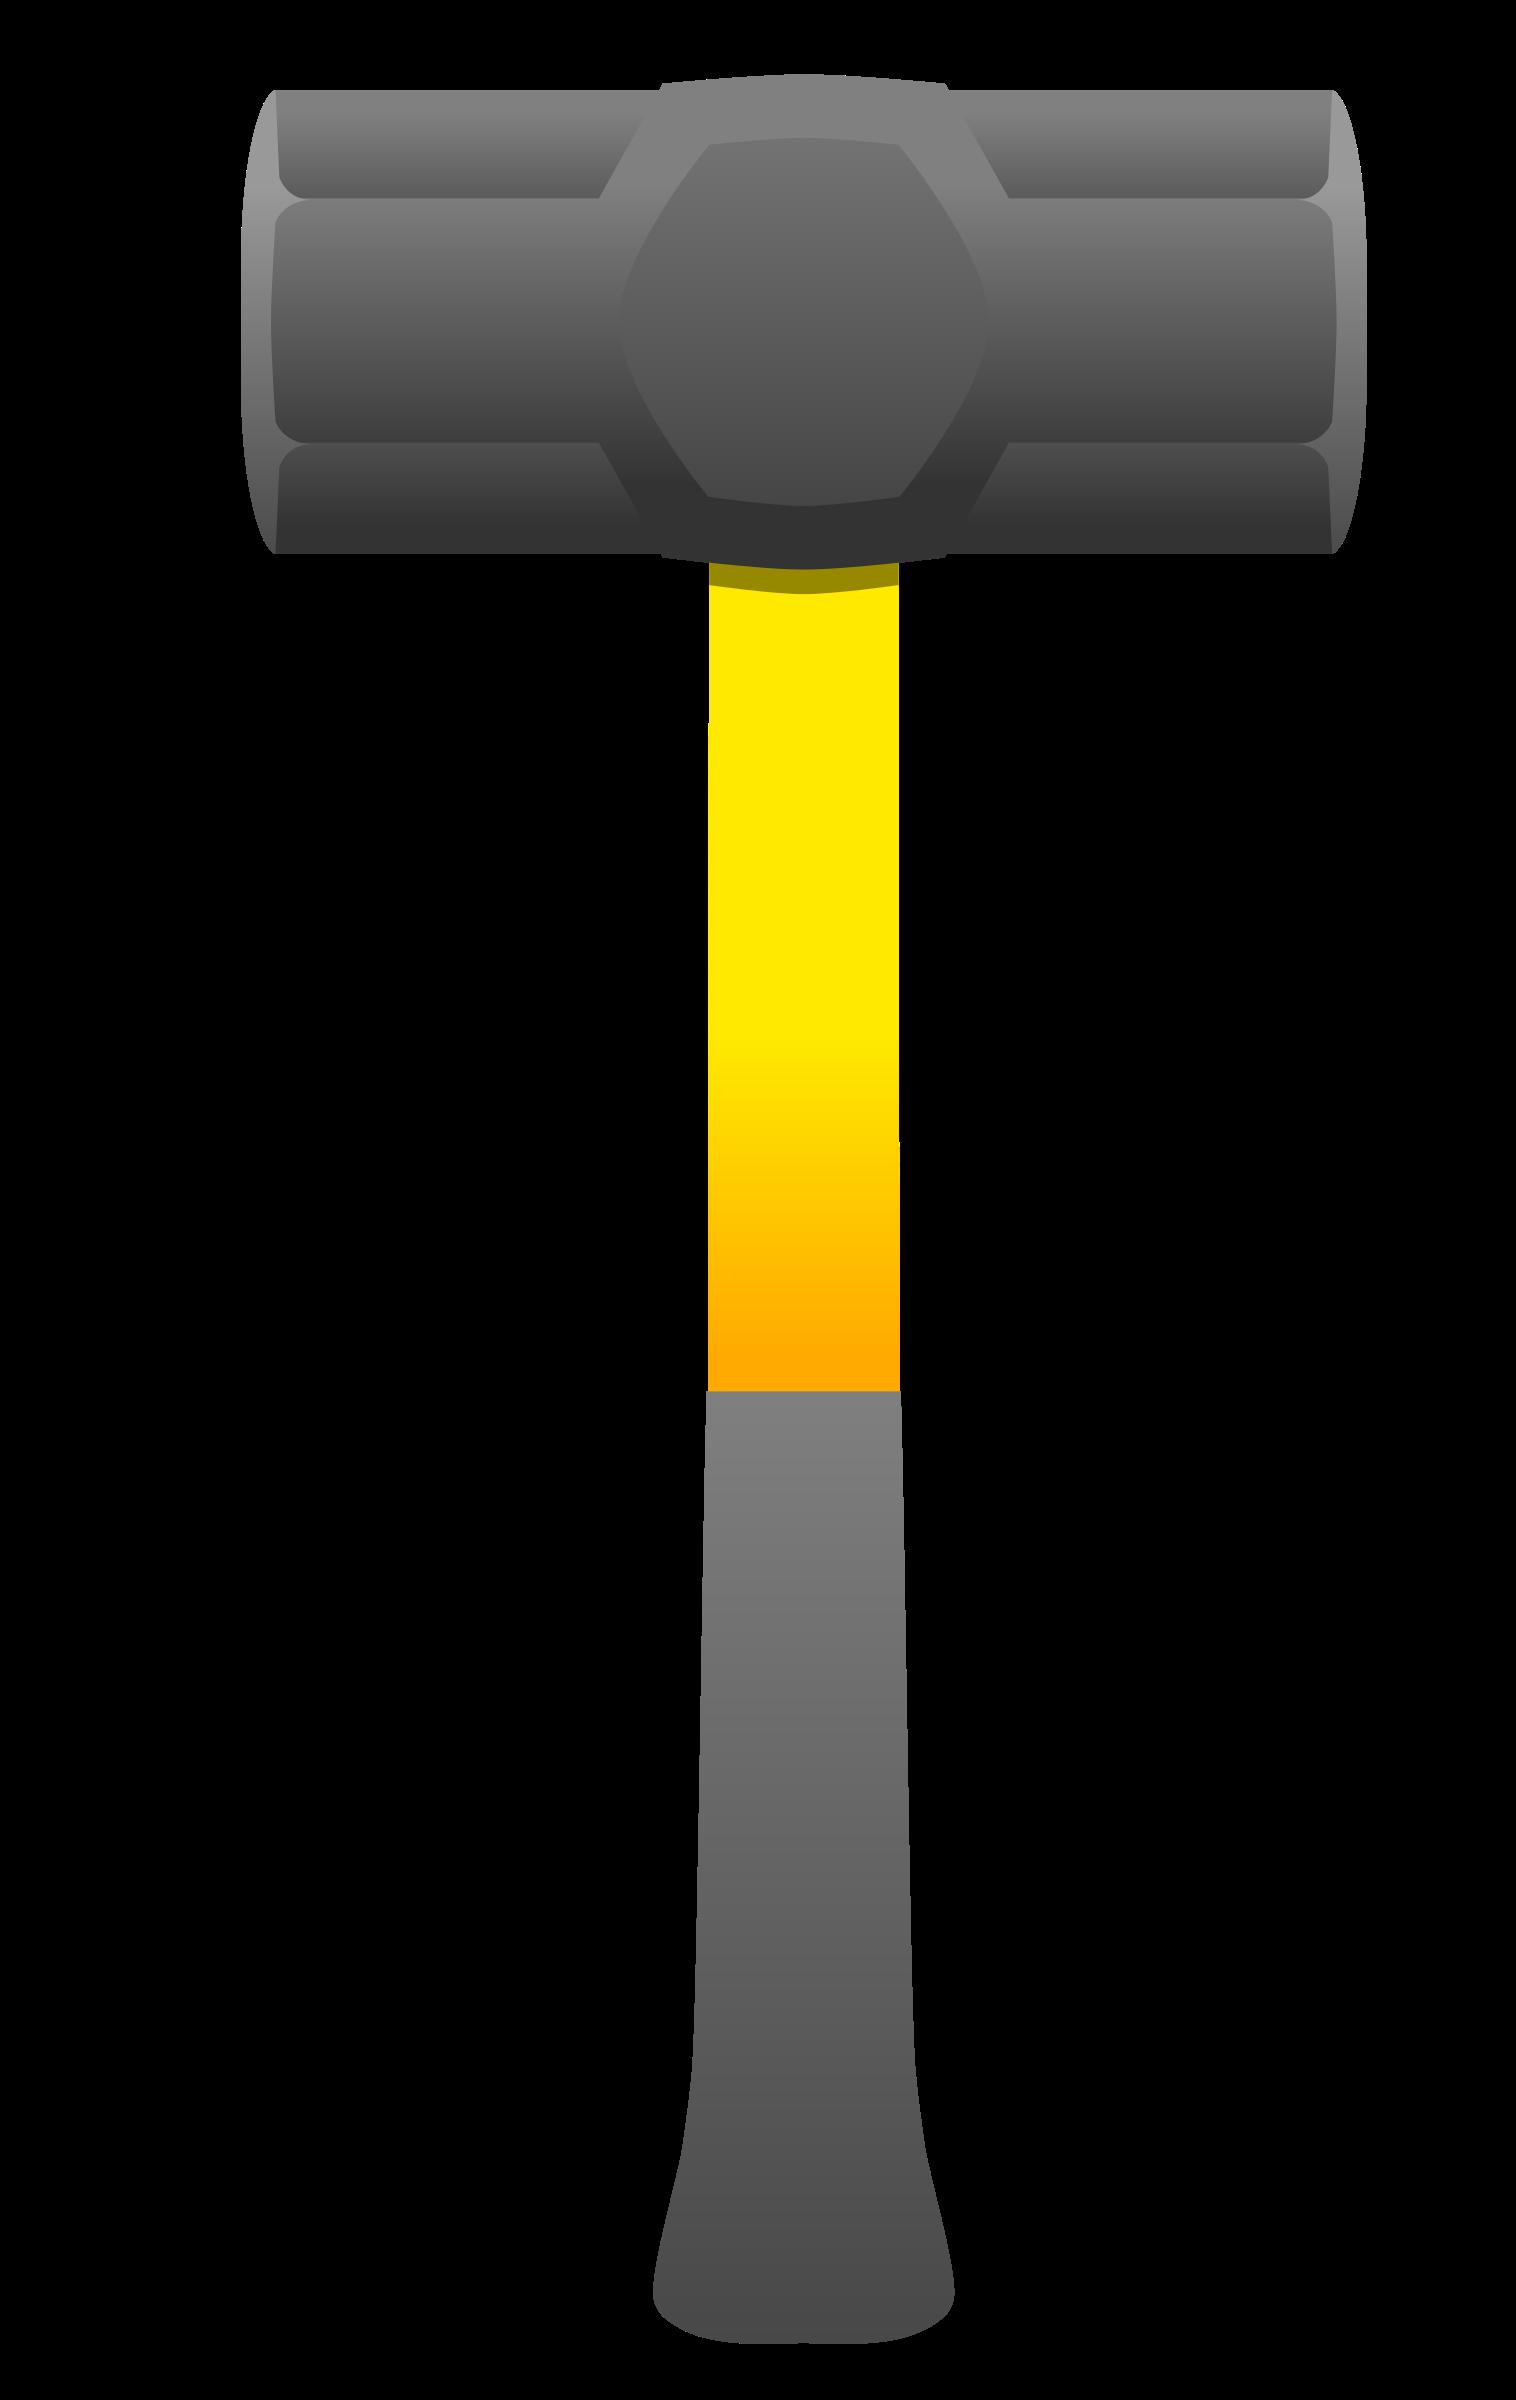 Sledge clipground sledgehammer. Clipart hammer ball